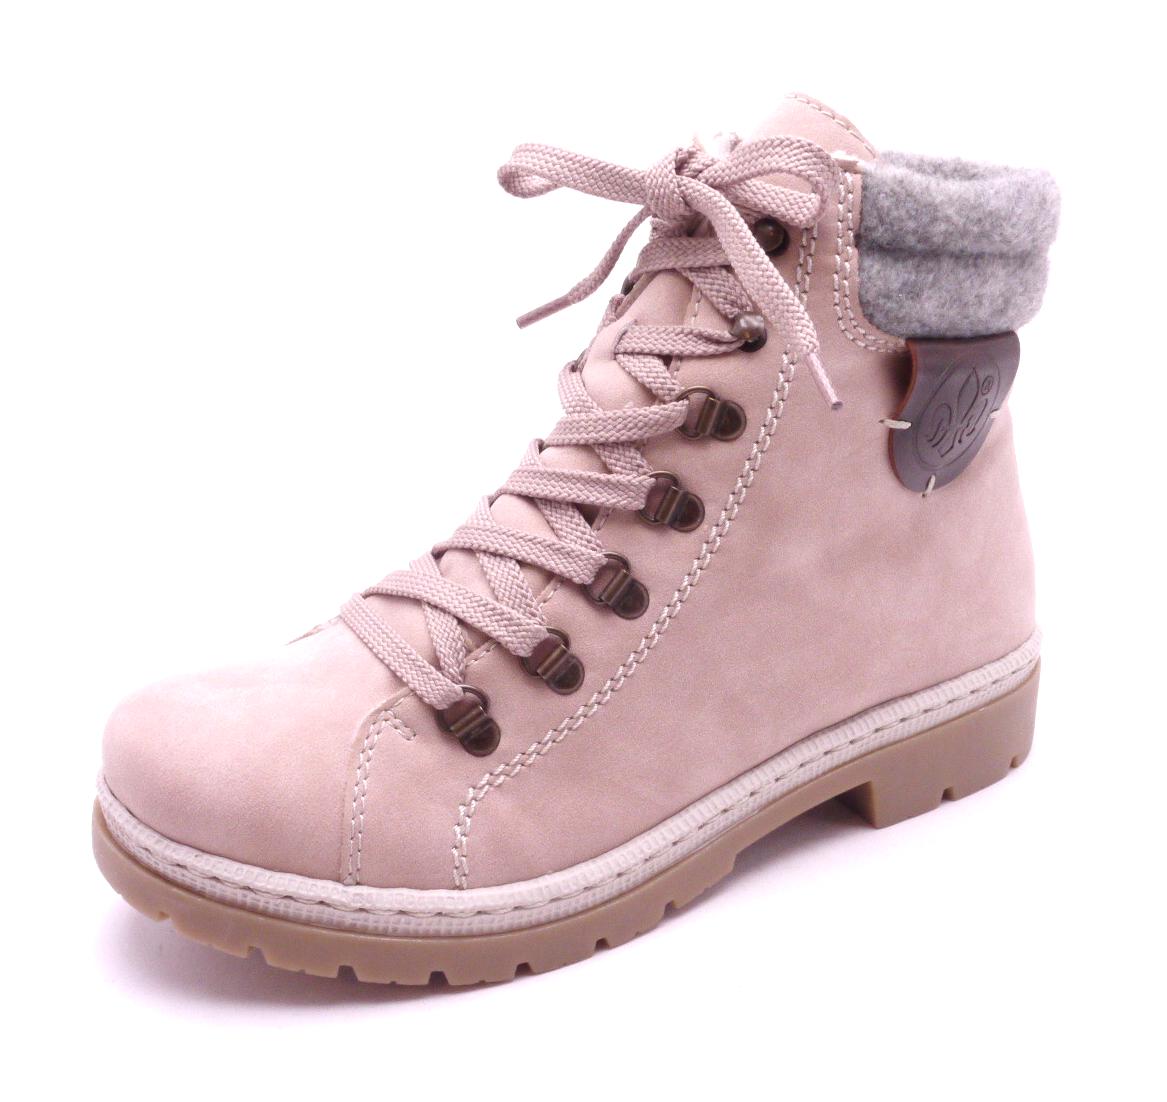 Rieker Dámská kotníková obuv ROSE Y9430-32 Velikost  38 45b0d28d8b